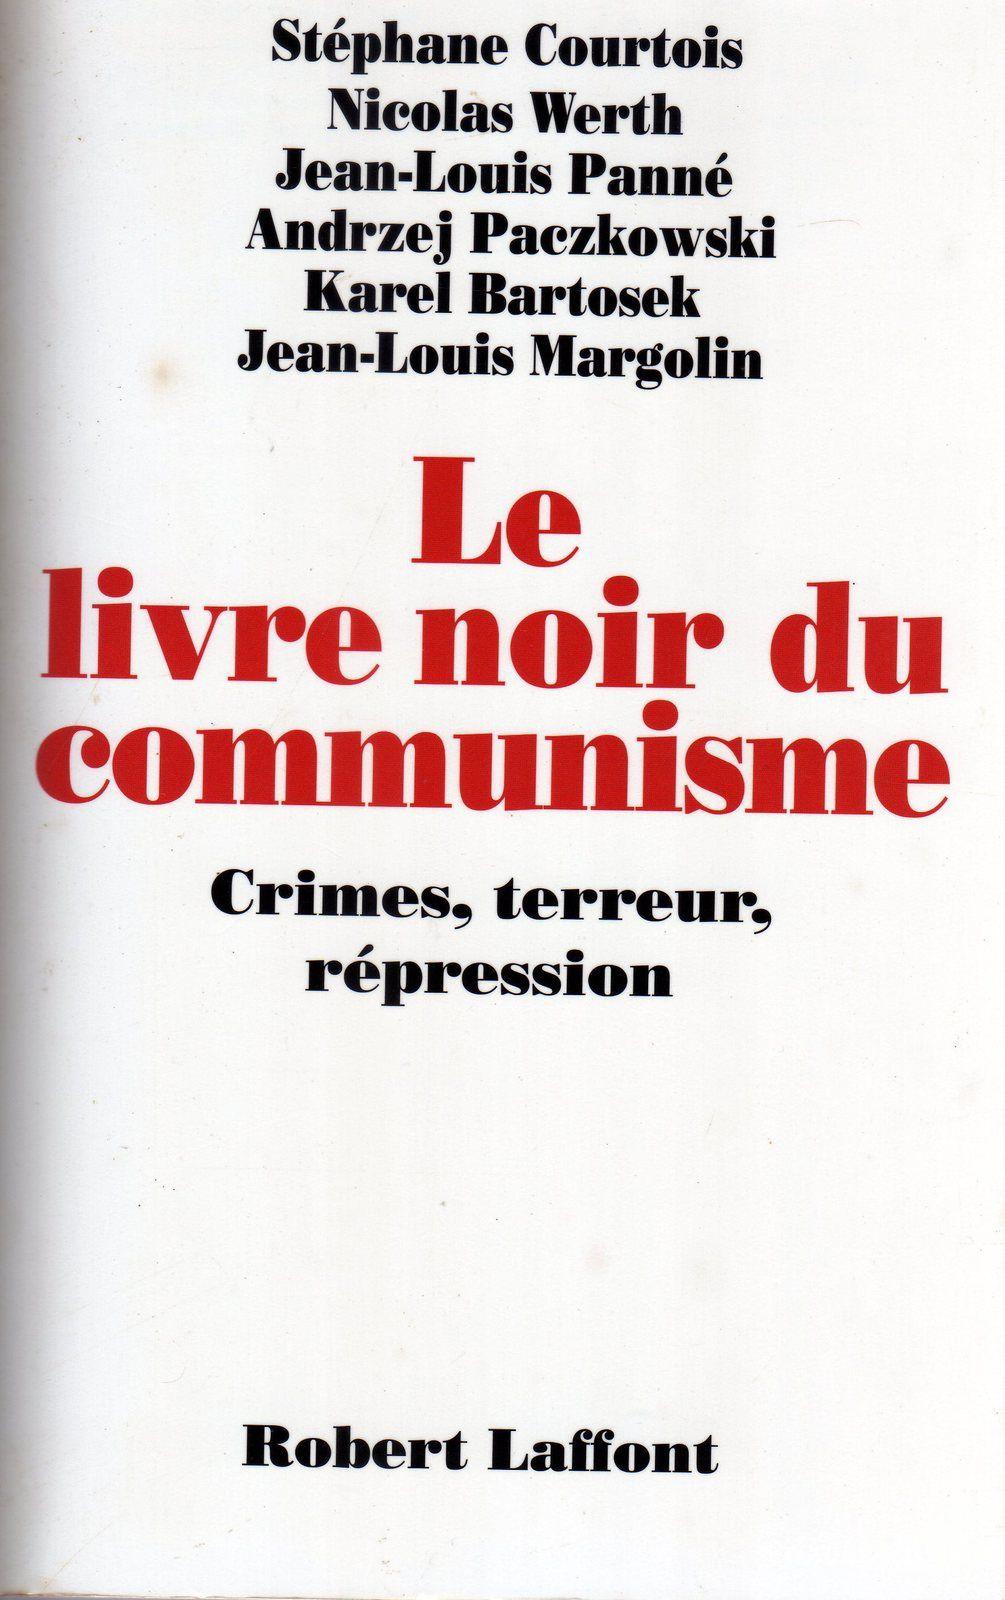 Les obsèques de Charb, par Le Scrutateur.